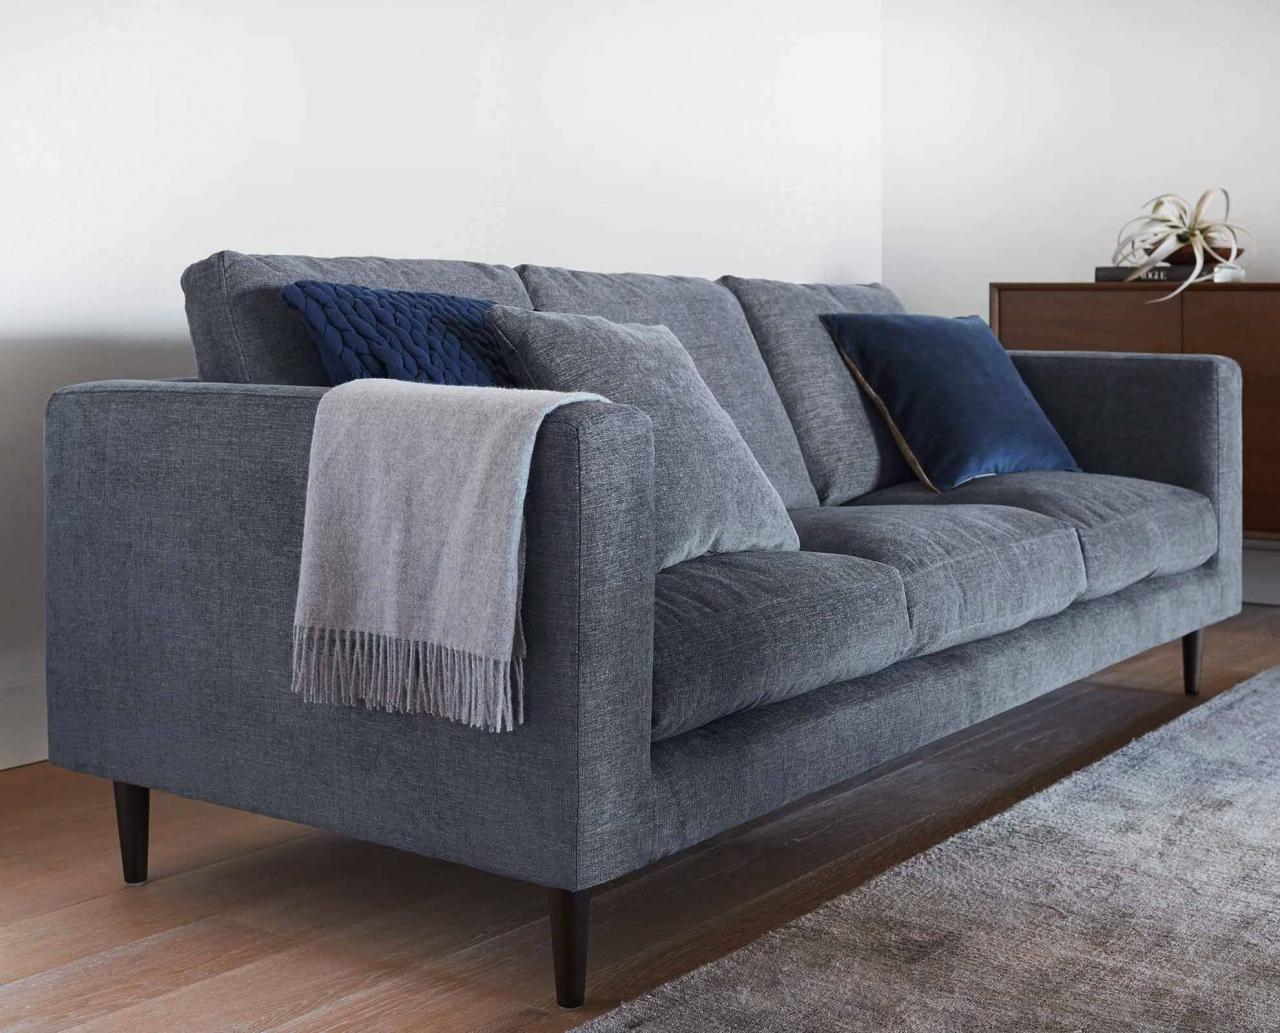 Full Size of Sofa Bed Futons Futon Bett Luxus Couch Kaufen Poco Tom Tailor Höffner Big 2 Sitzer Weißes Modulares Leder Abnehmbarer Bezug Günstig Leinen München Sofa Big Sofa Poco